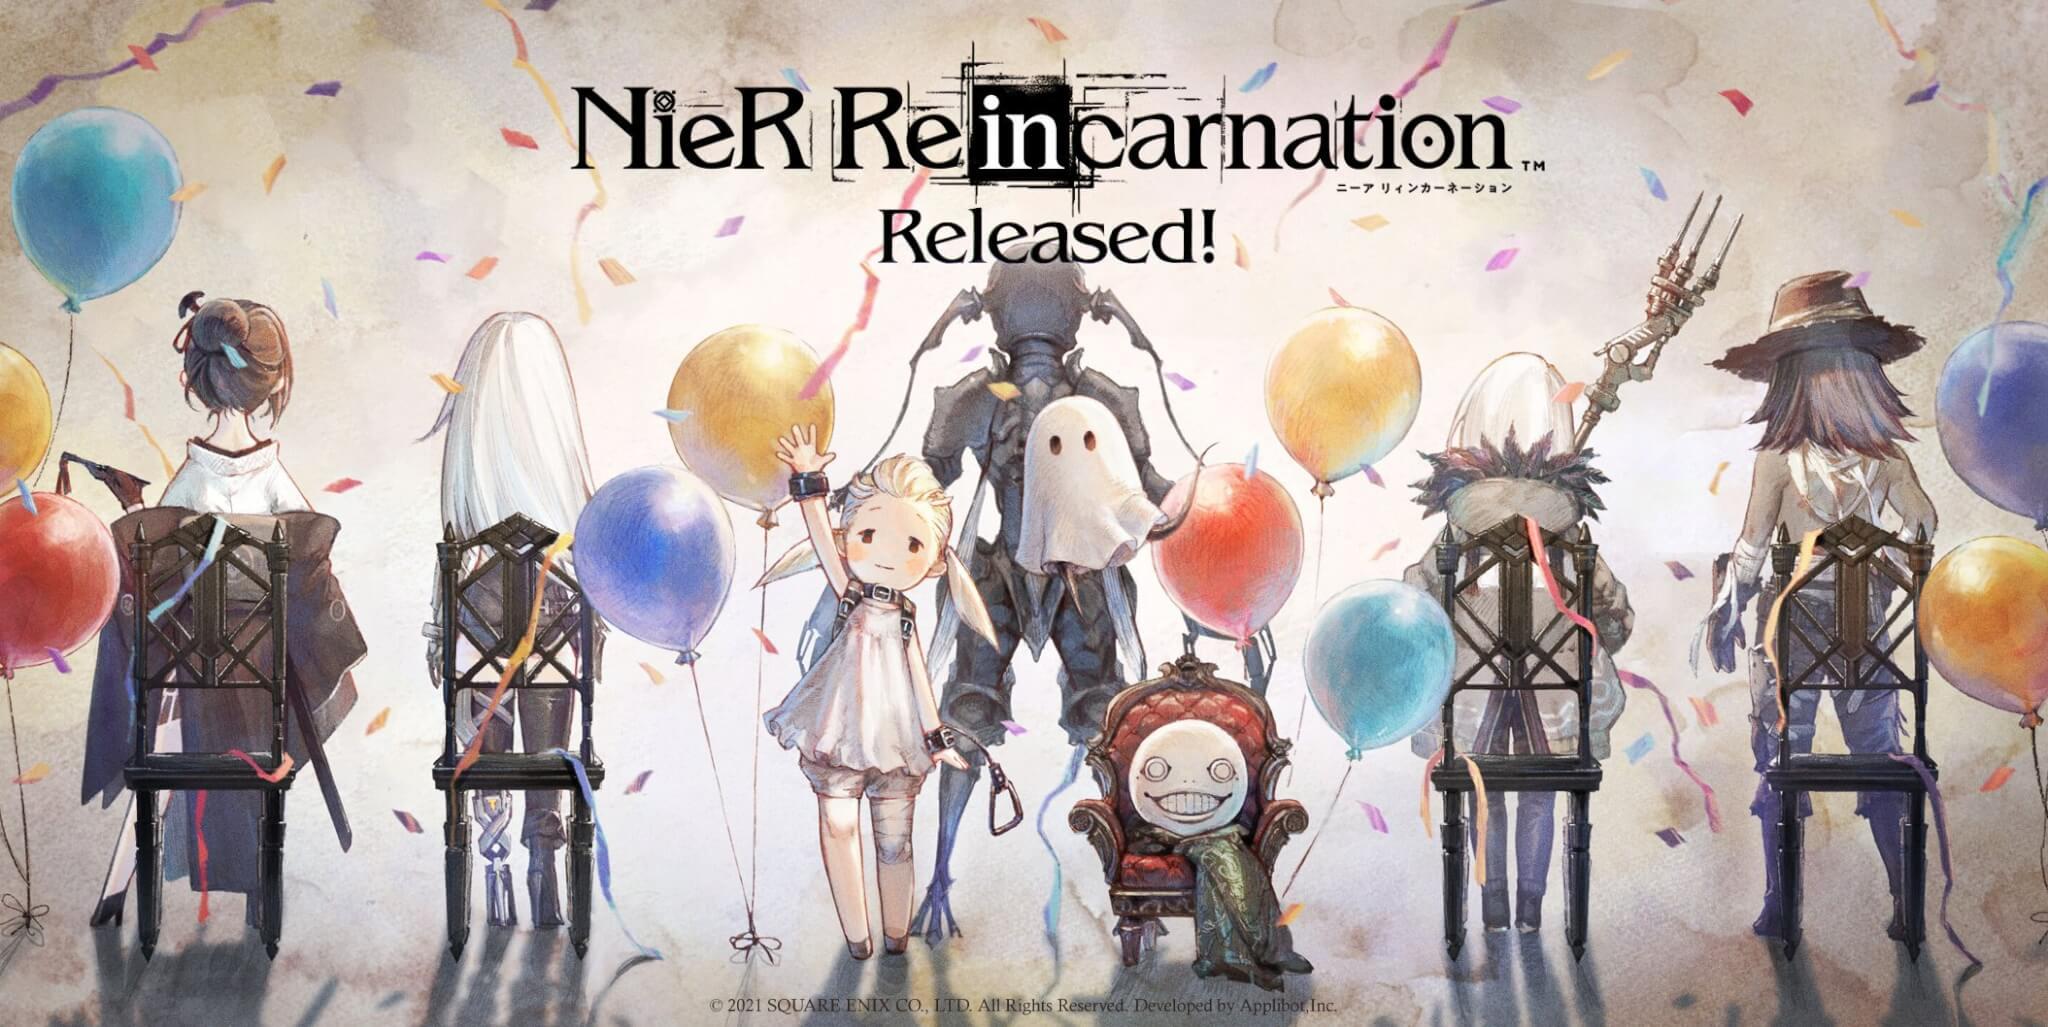 「ニーア リィンカーネーション」の配信開始!シリーズ待望の最新作RPGが登場